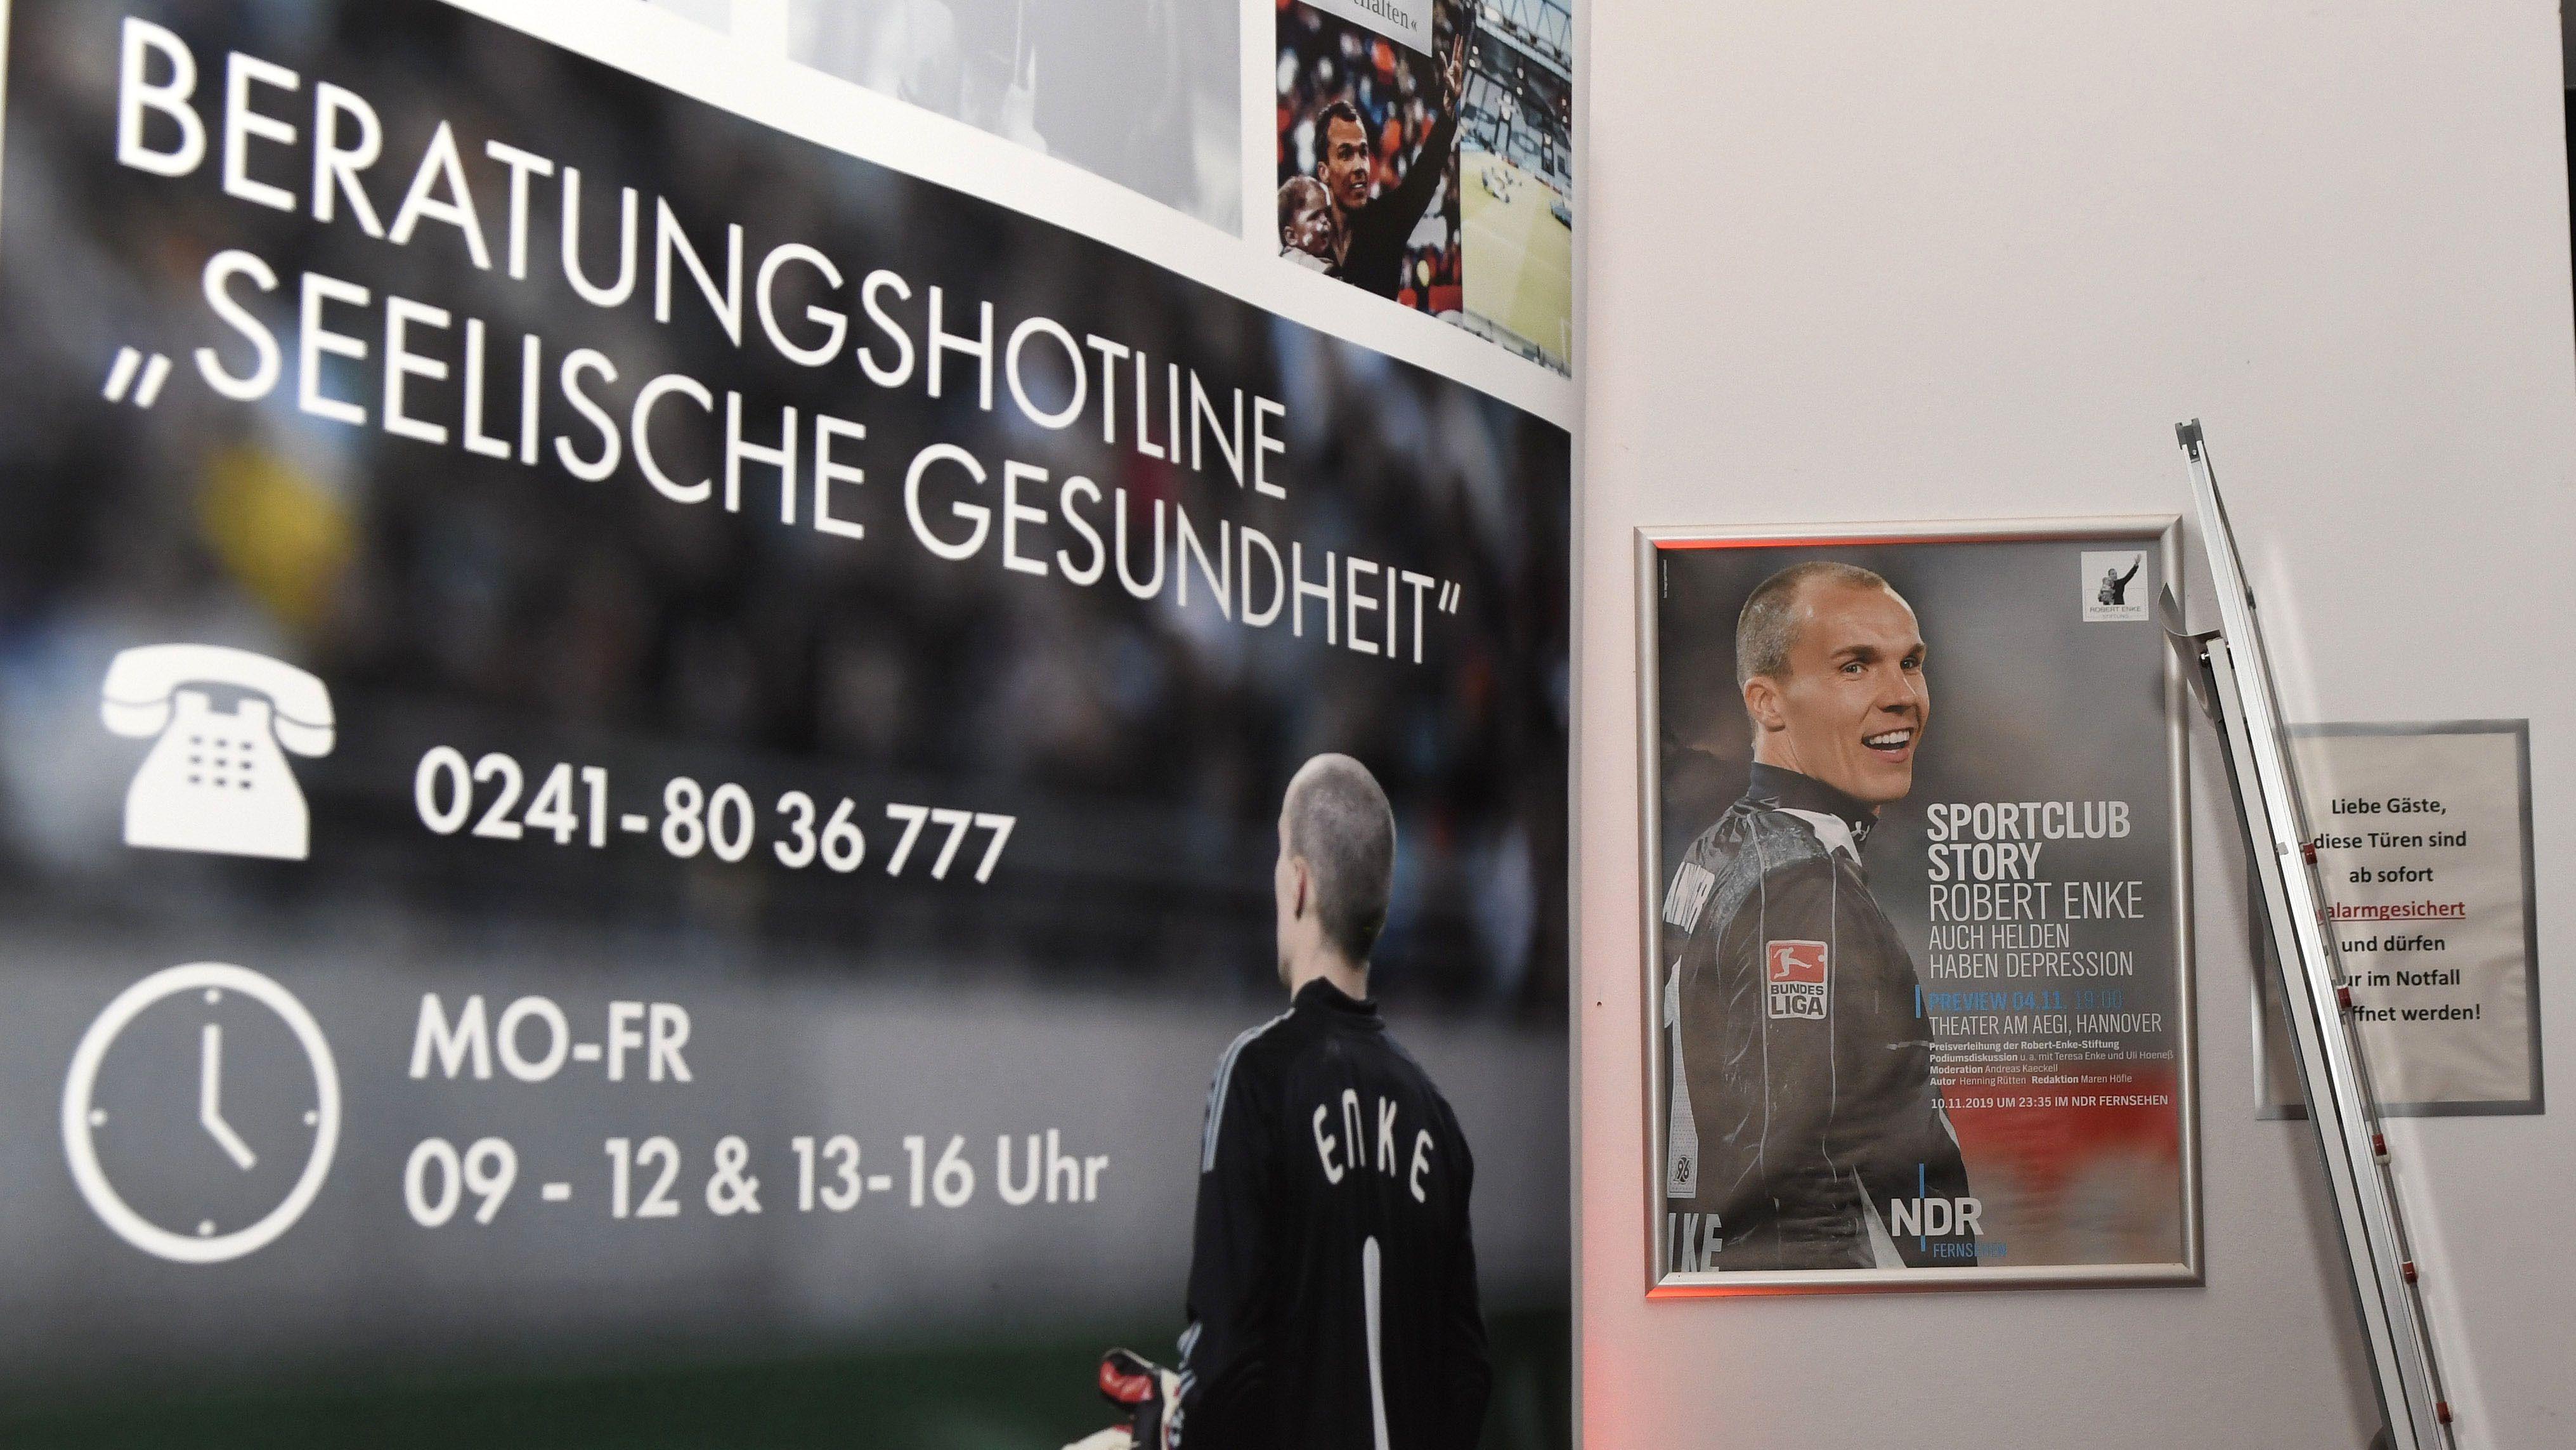 Plakat der Robert-Enke-Stiftung